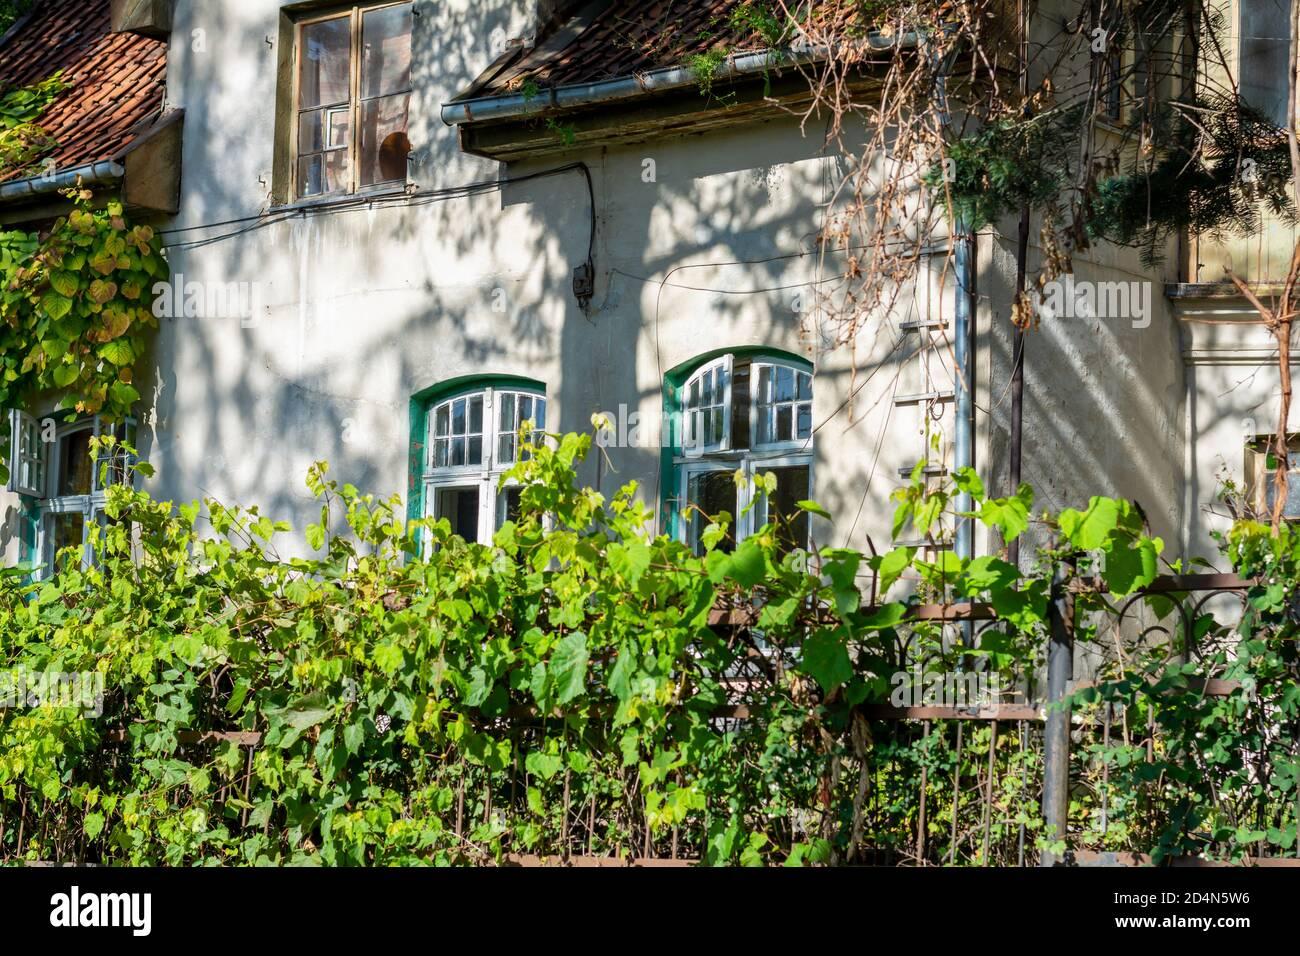 Façade d'une ancienne maison avec fenêtres en bois et carreaux. maison du xixe siècle sans restauration. Banque D'Images